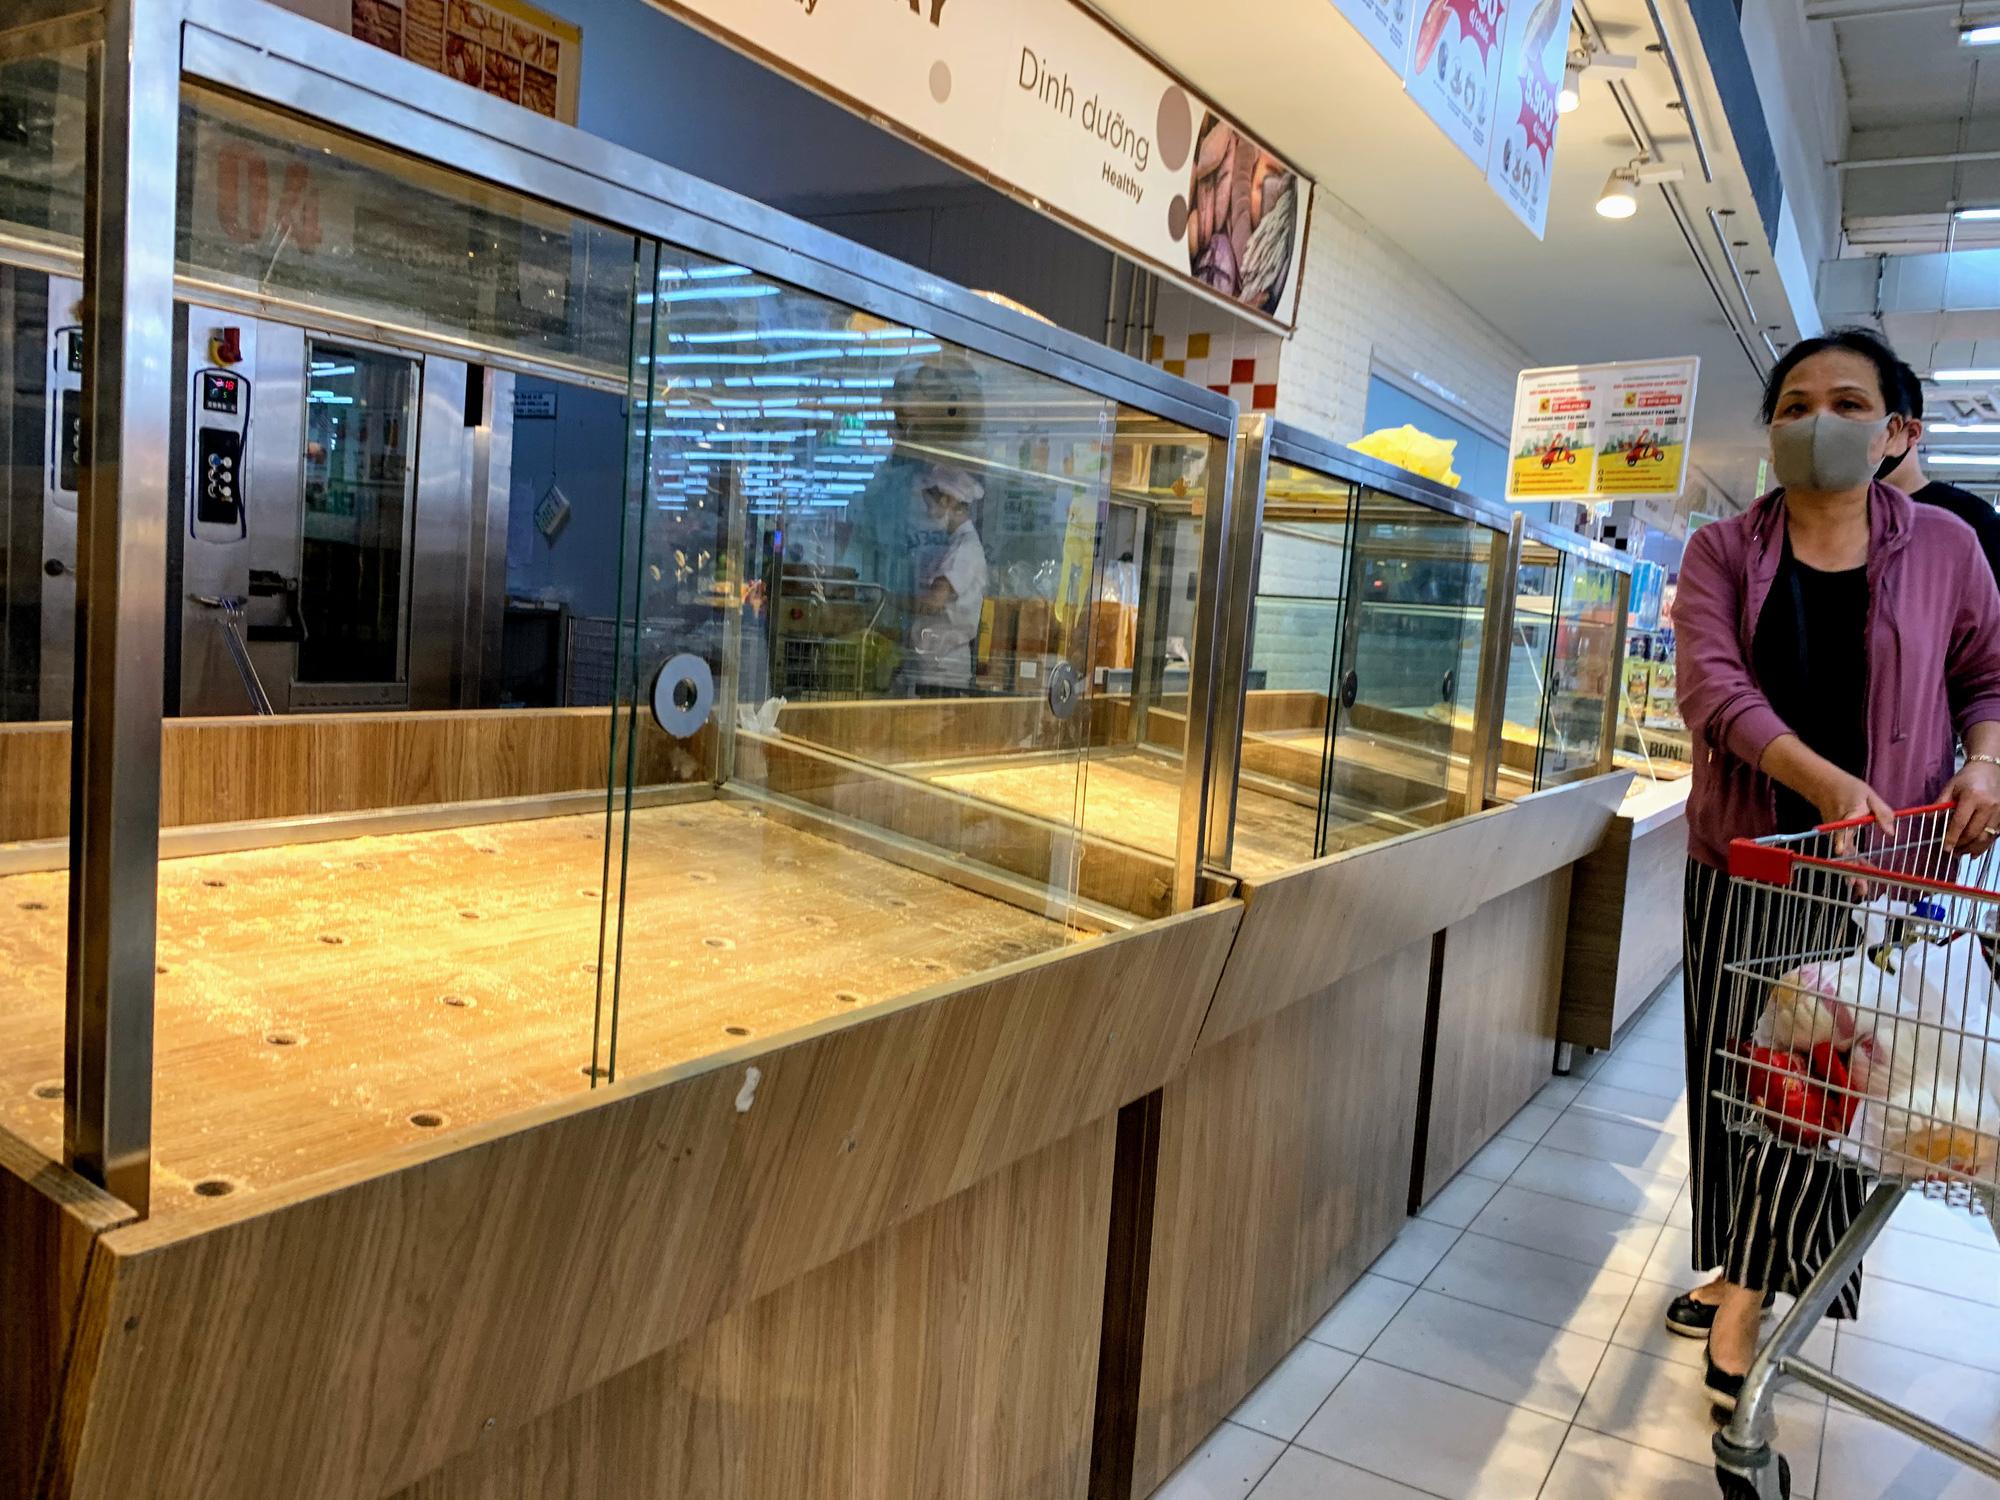 Trước giờ giới nghiêm, người Hà Nội ùn ùn kéo về siêu thị, mua sạch mì tôm, thực phẩm, giấy vệ sinh - Ảnh 14.